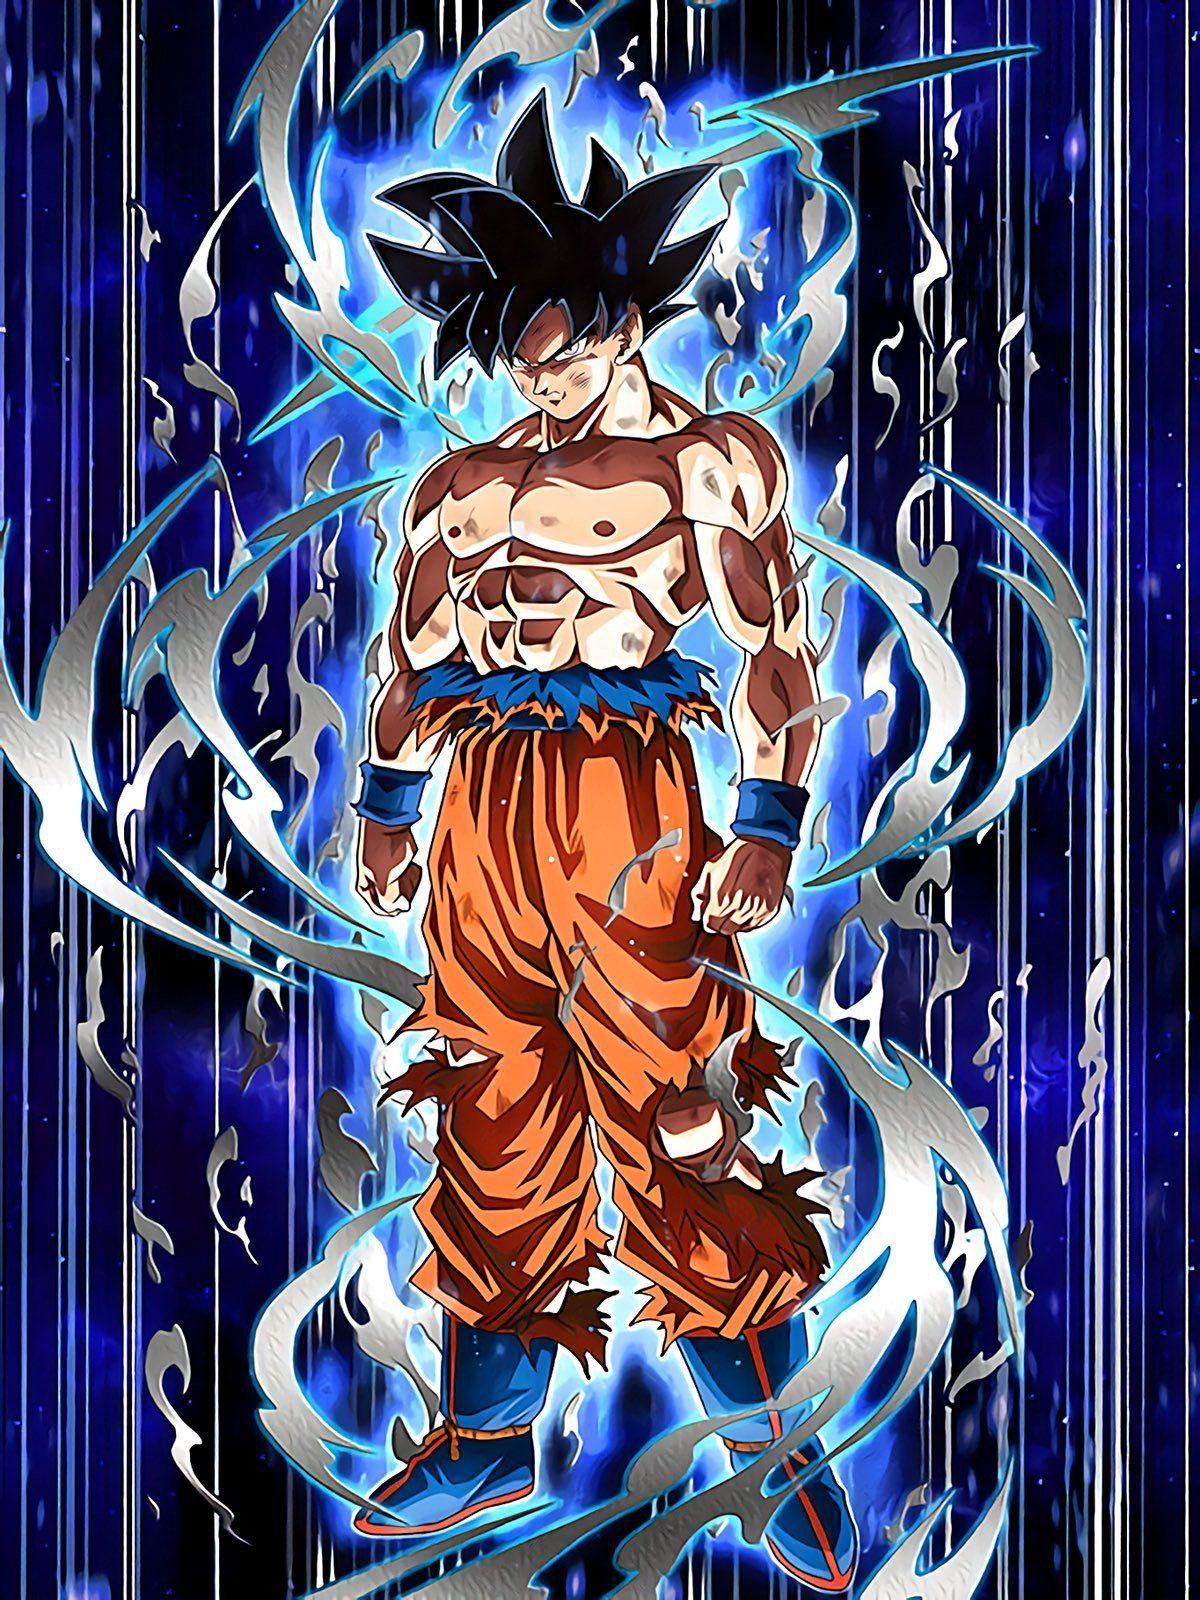 Fond D écran Dragon Ball Super Goku Ultra Instinct